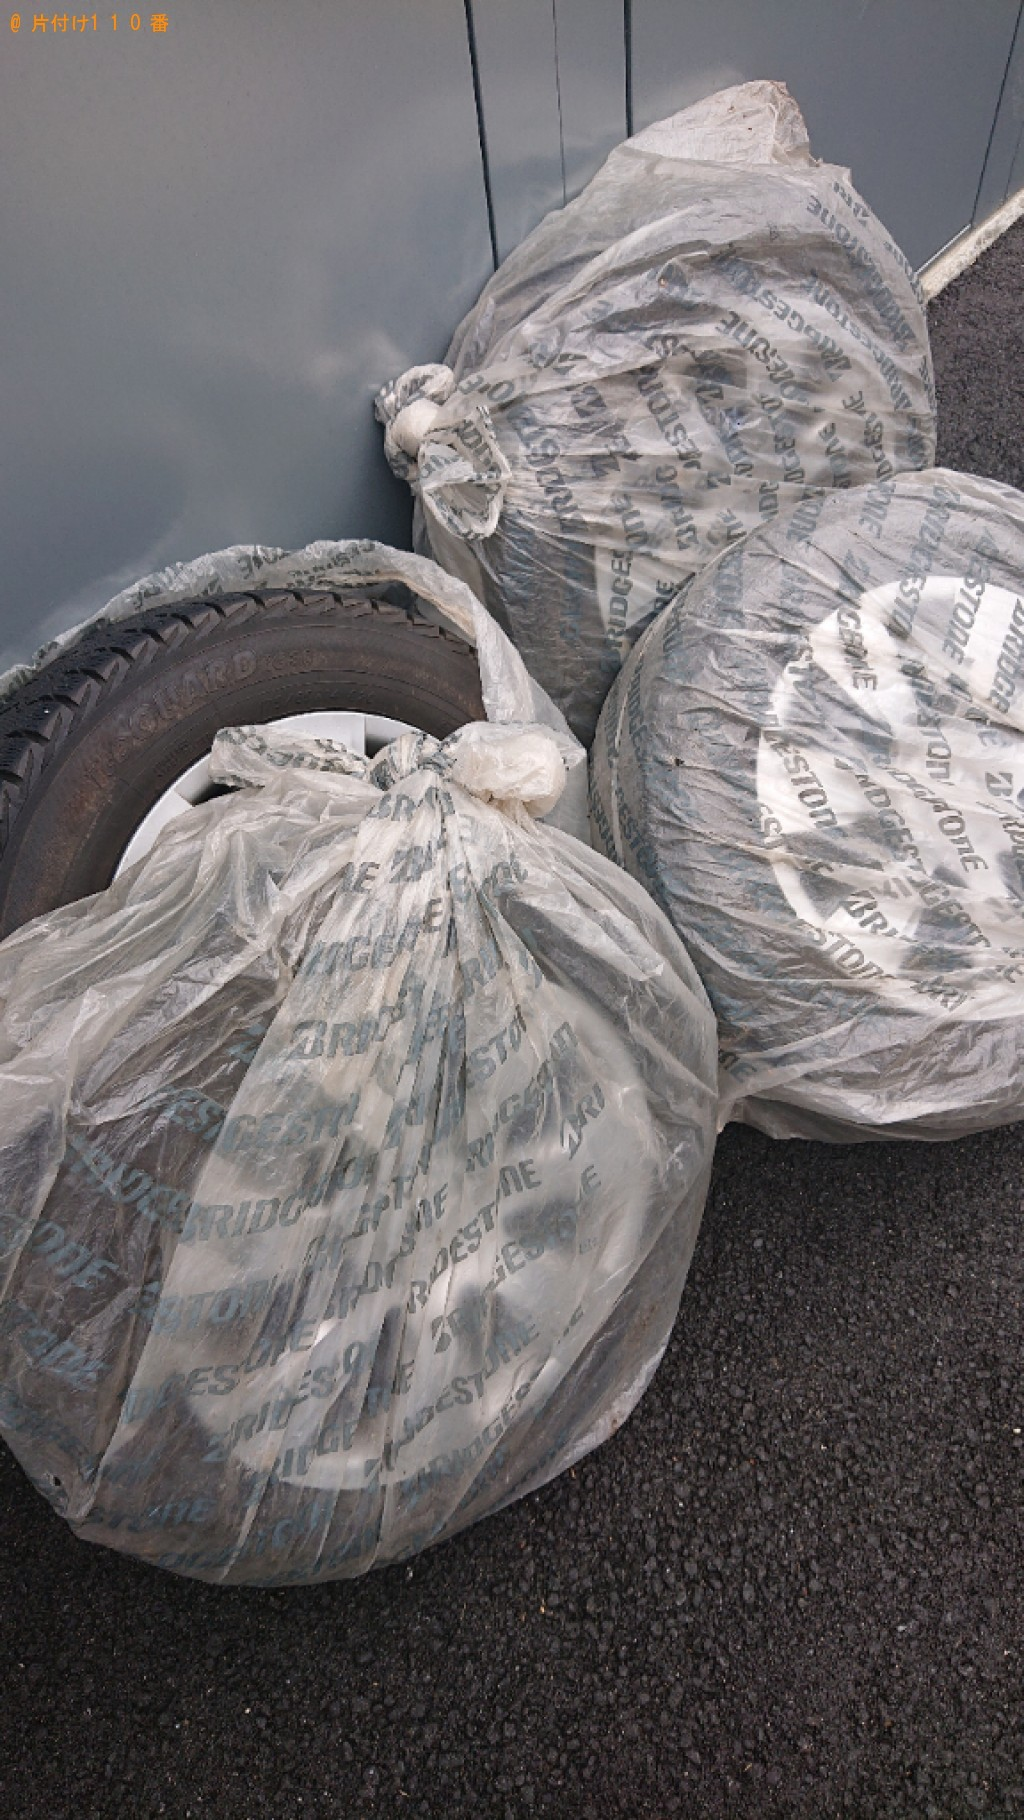 【高知市】自動車タイヤの回収・処分ご依頼 お客様の声